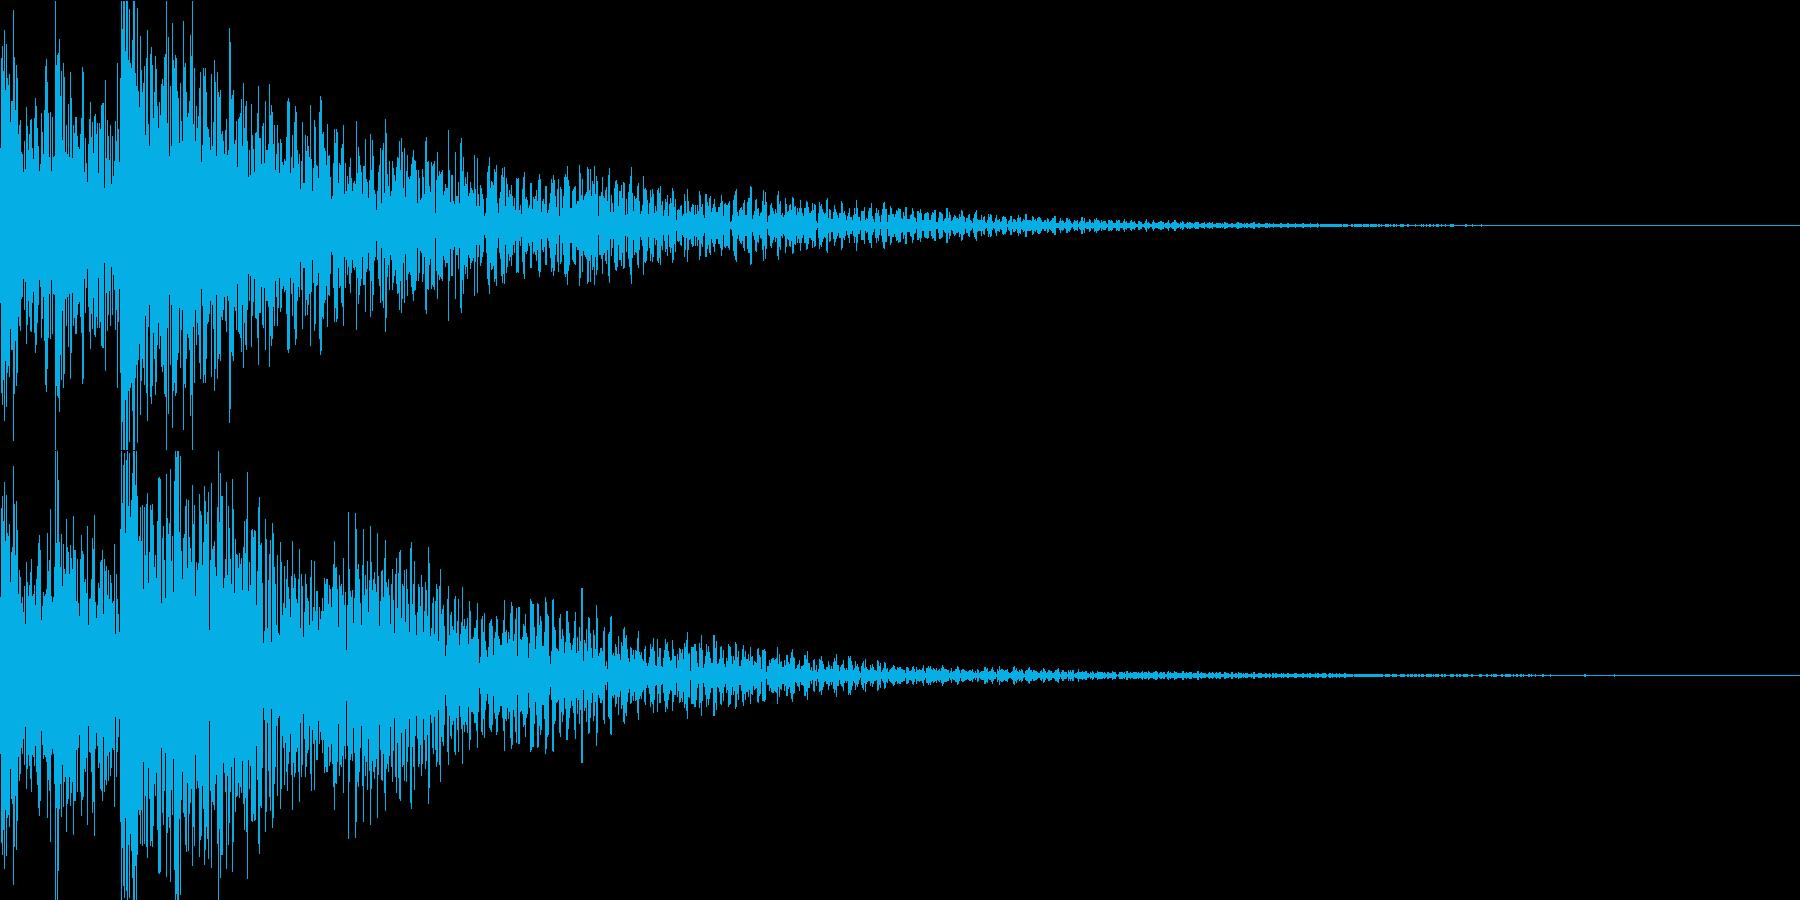 ドコドン(迫力のあるティンパニー)の再生済みの波形